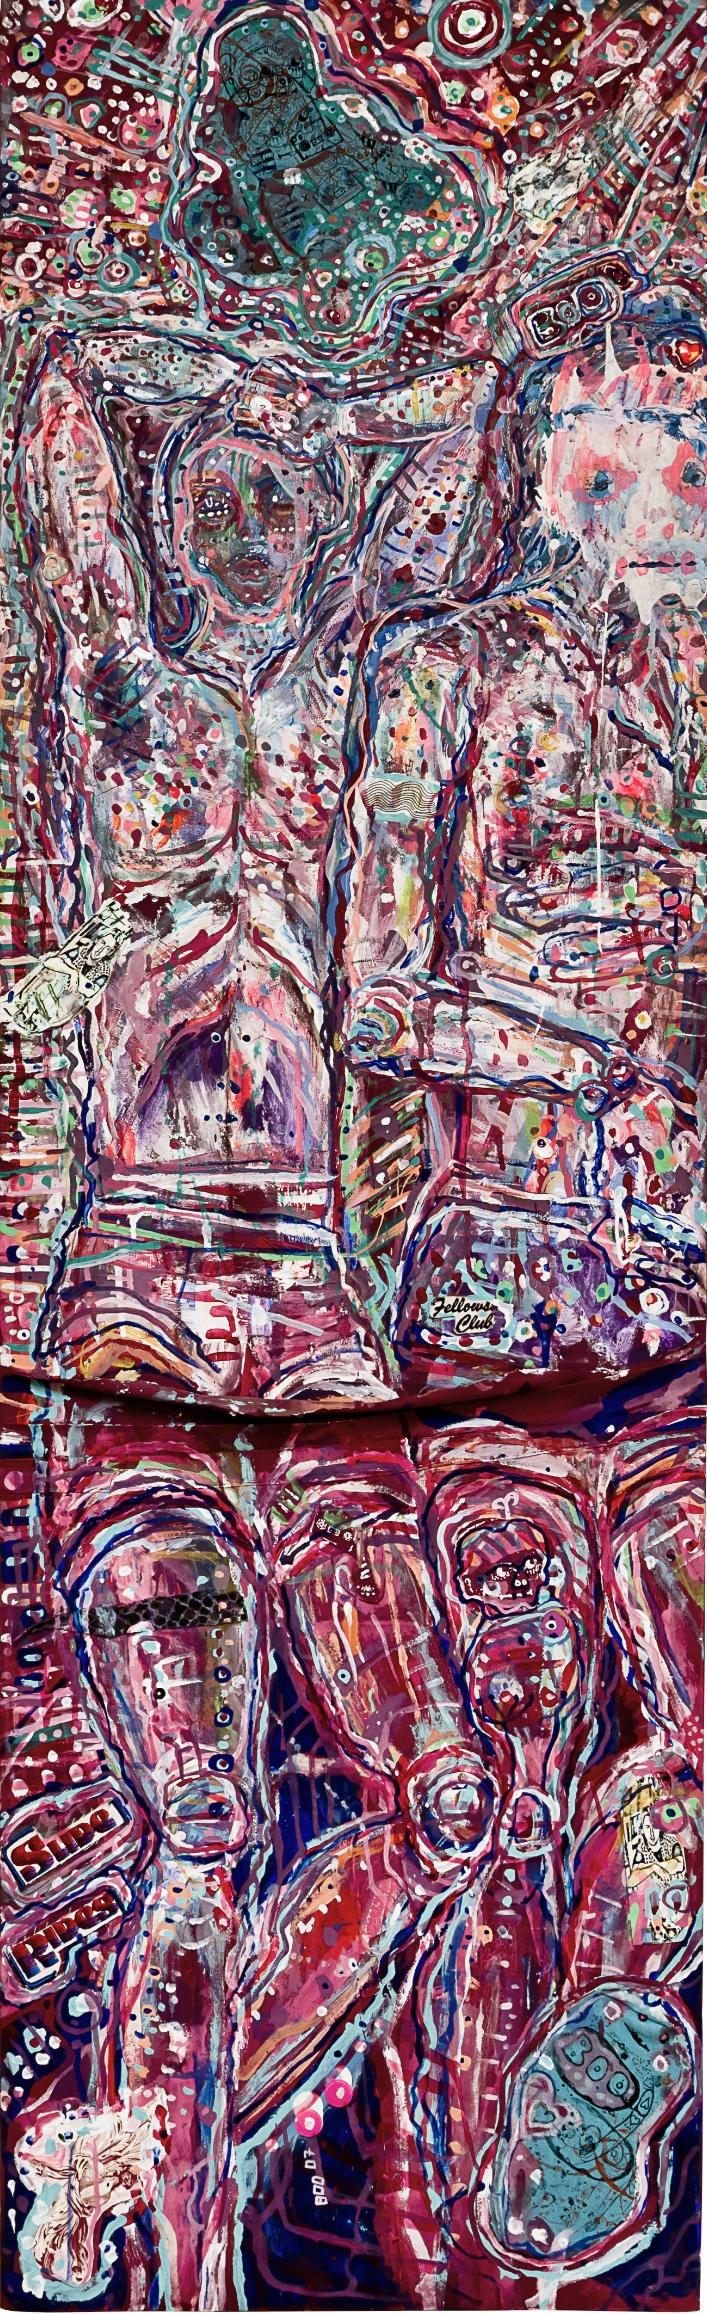 """BedFellows, mixed media on canvas,61x19"""", 2007"""